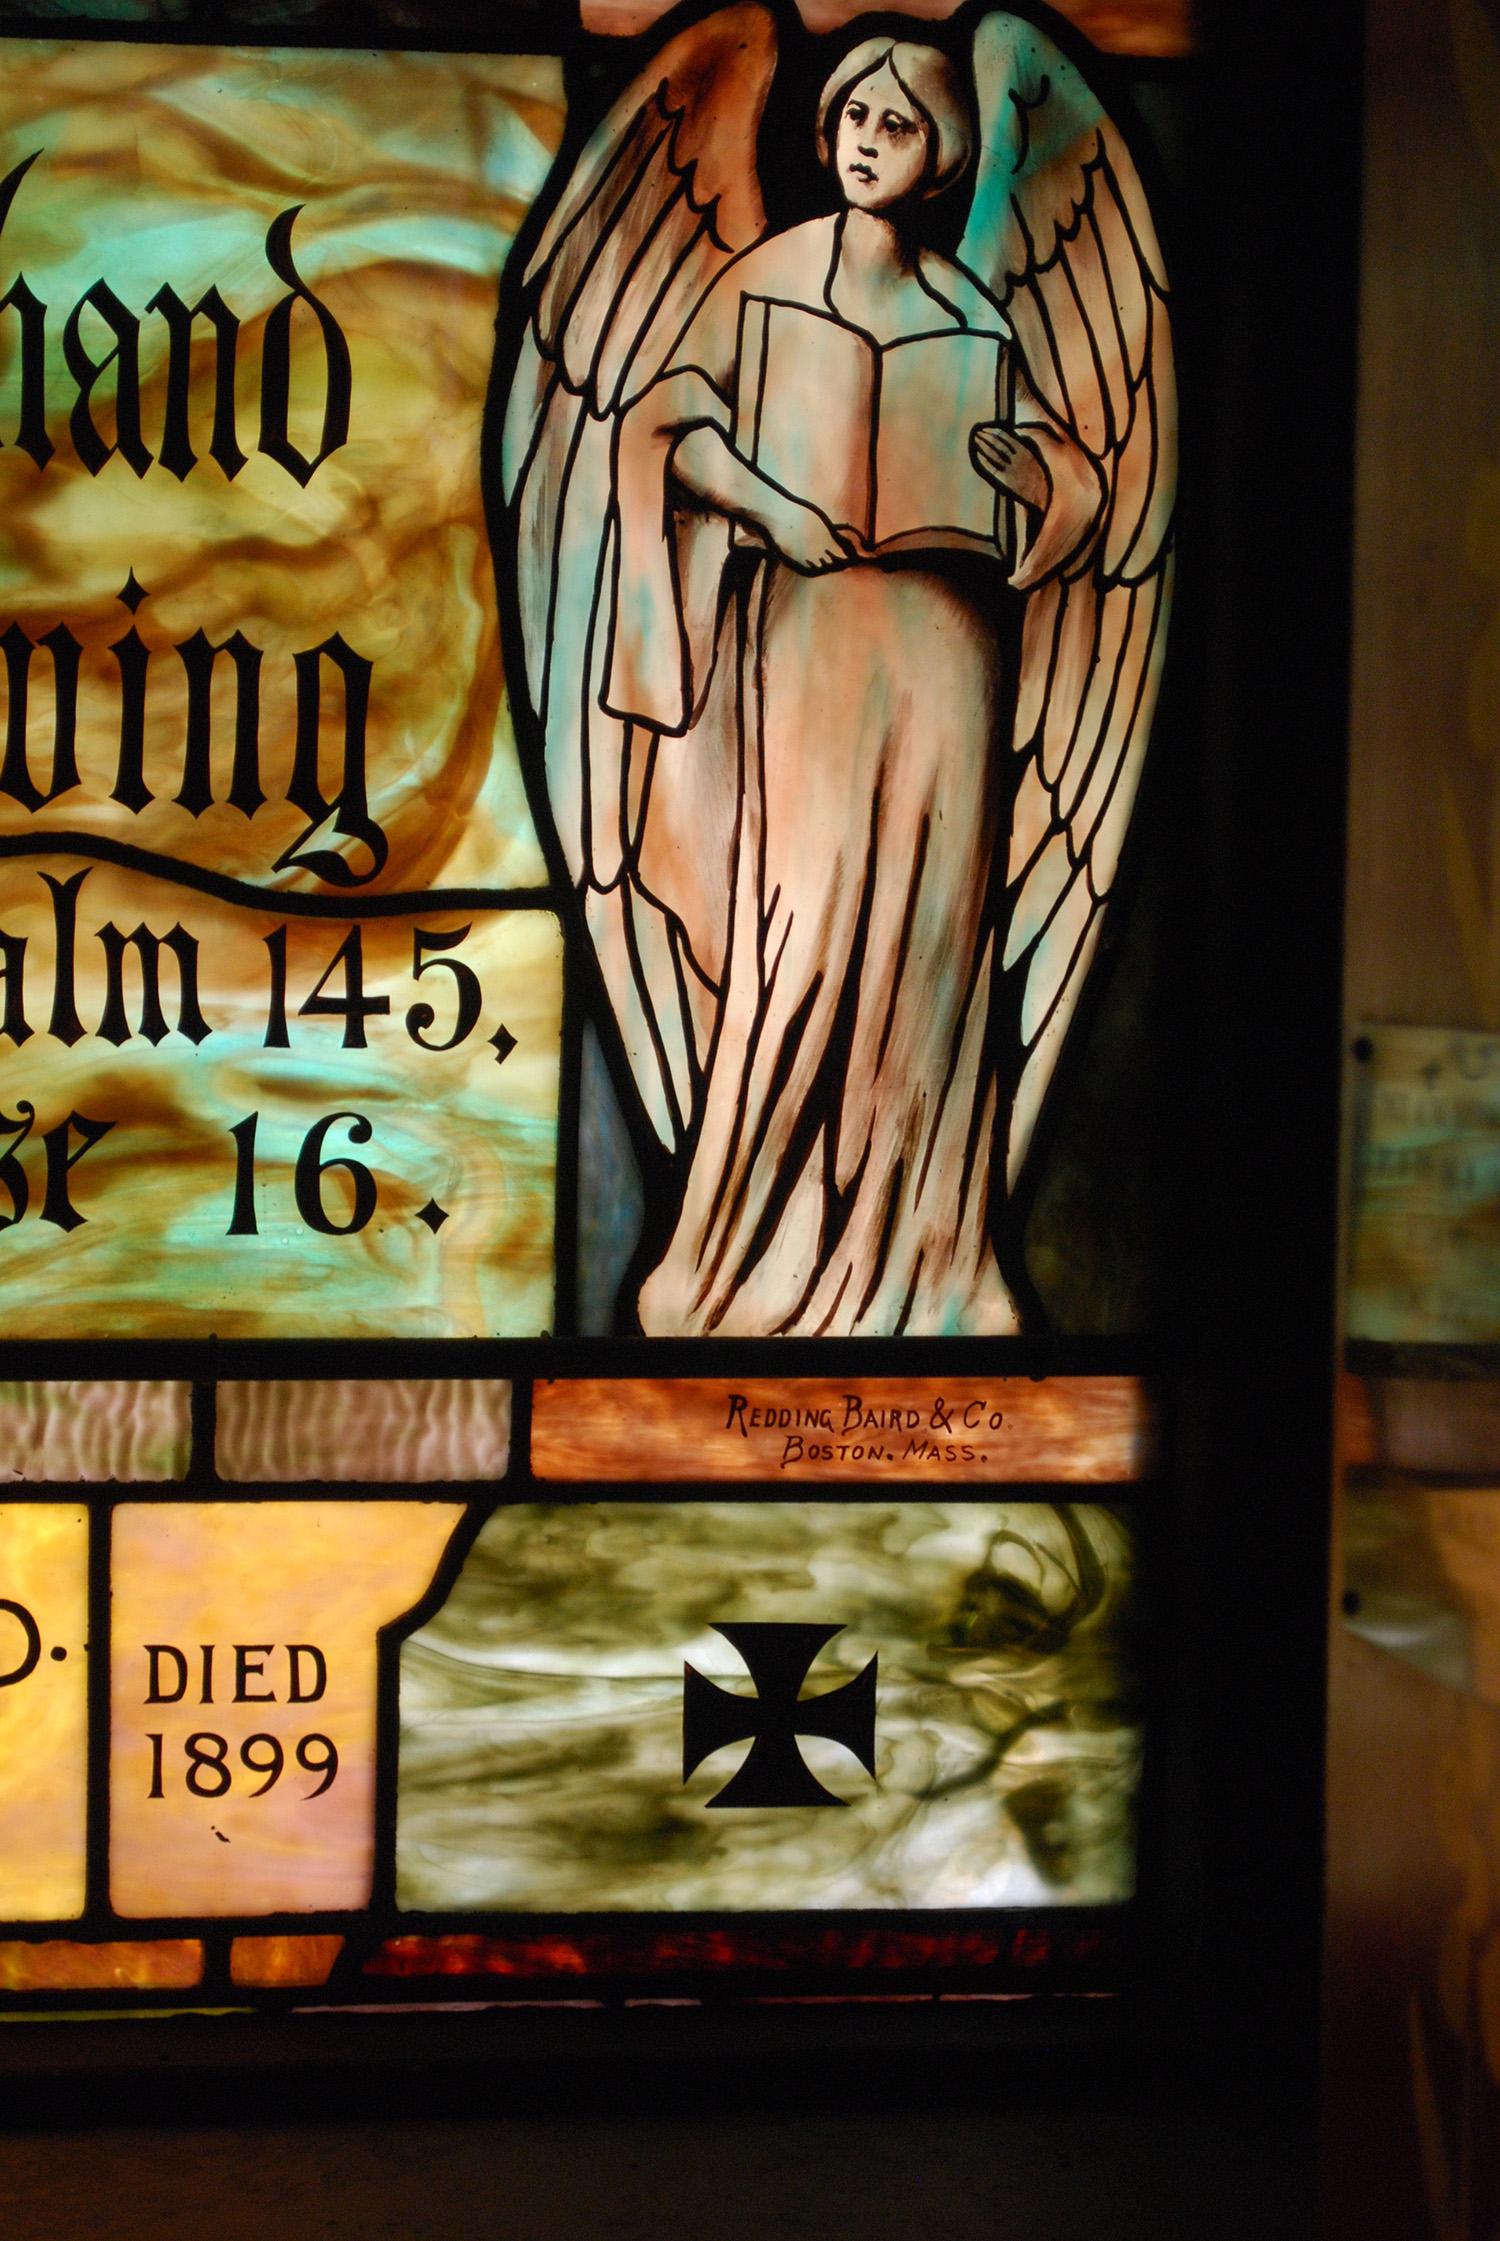 Redding Baird Detail